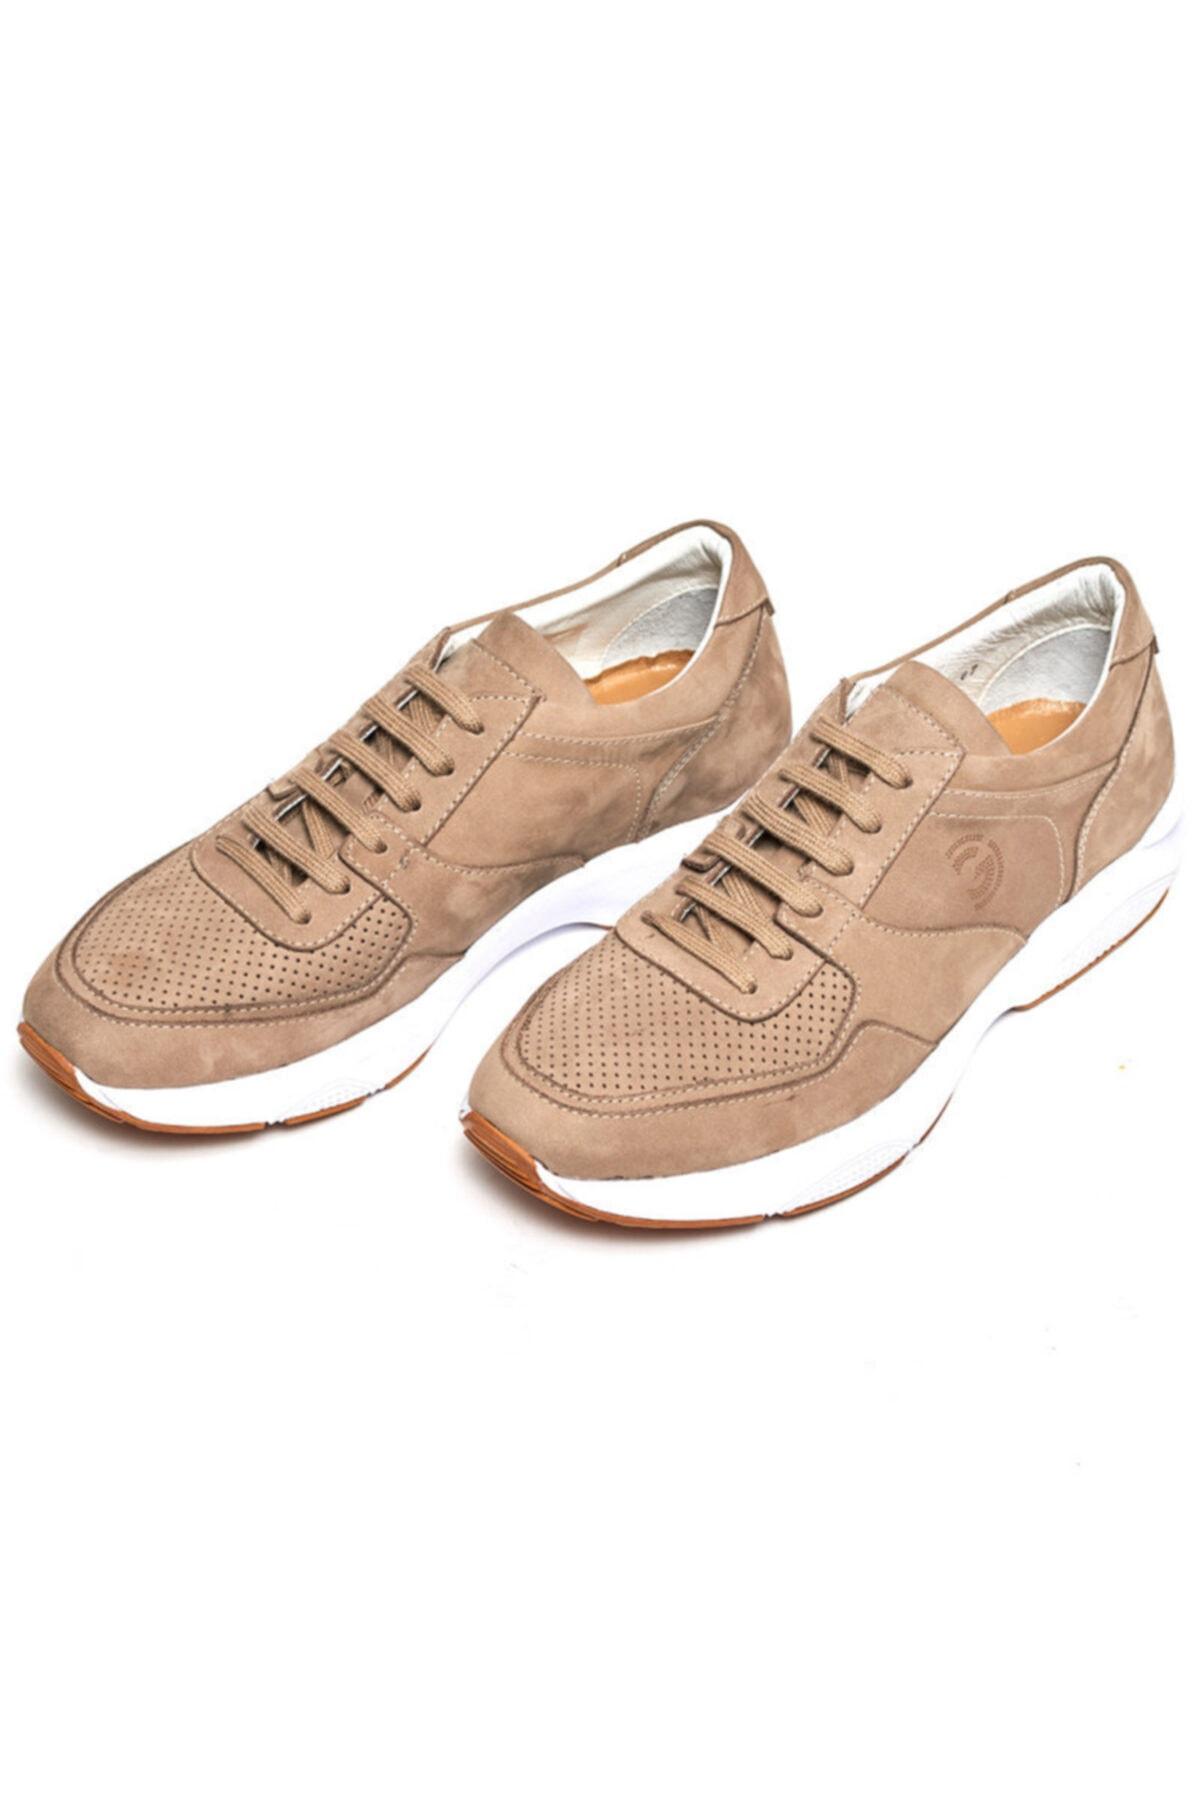 Giovane Gentile Erkek Haki Renk Bağcıklı Ayakkabı 2